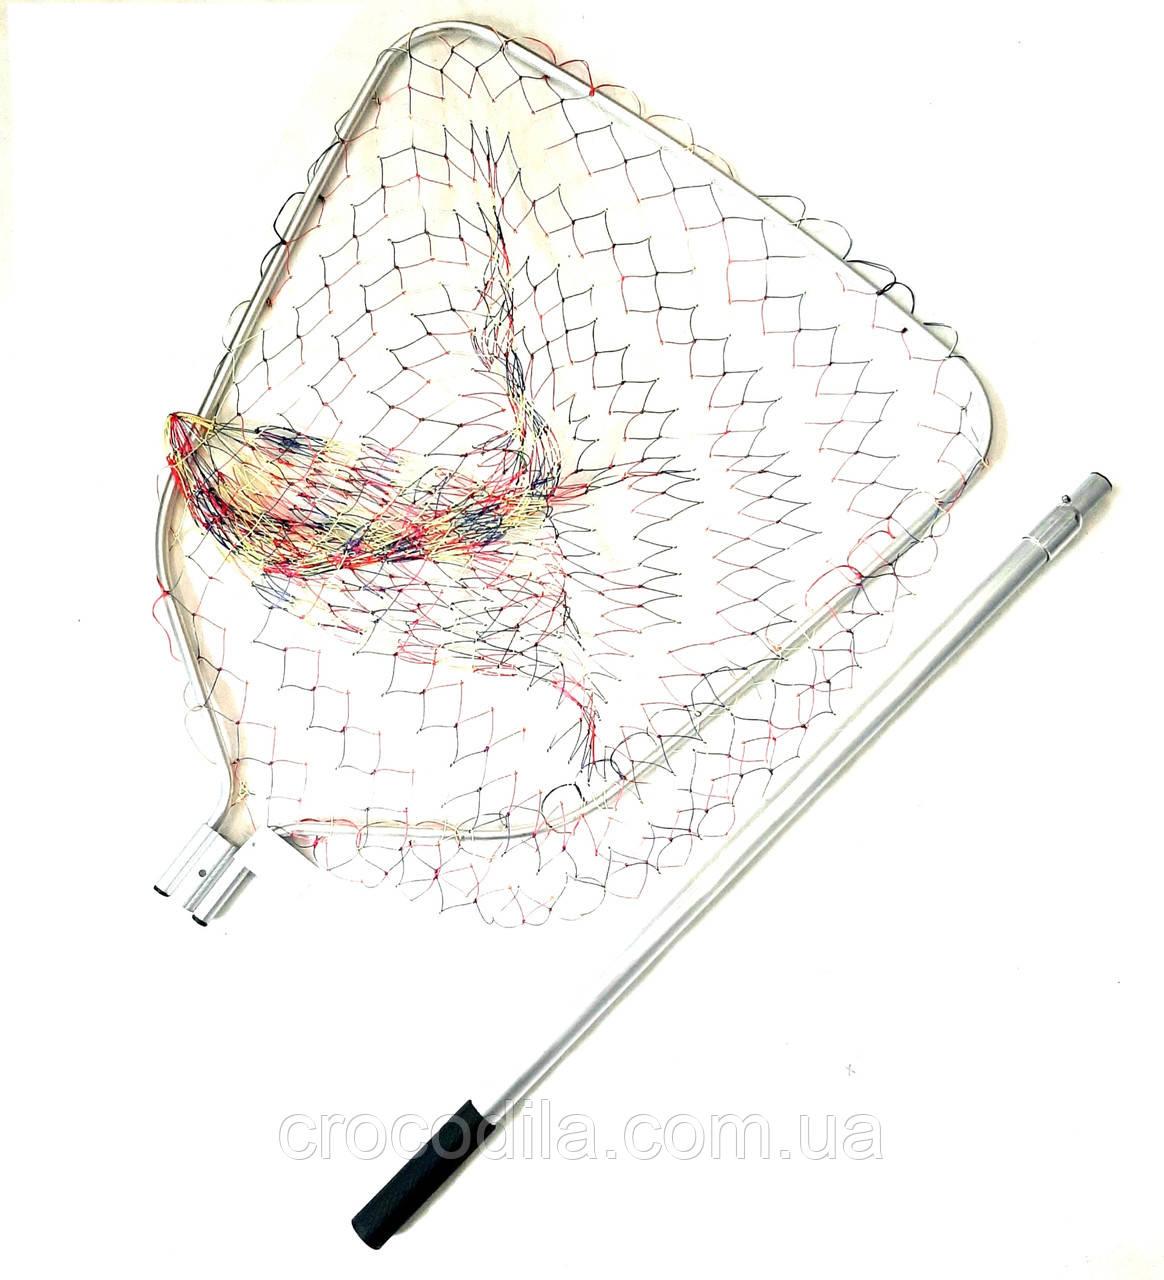 Подсак карповый Shark с кордовой сеткой 69*71 см голова